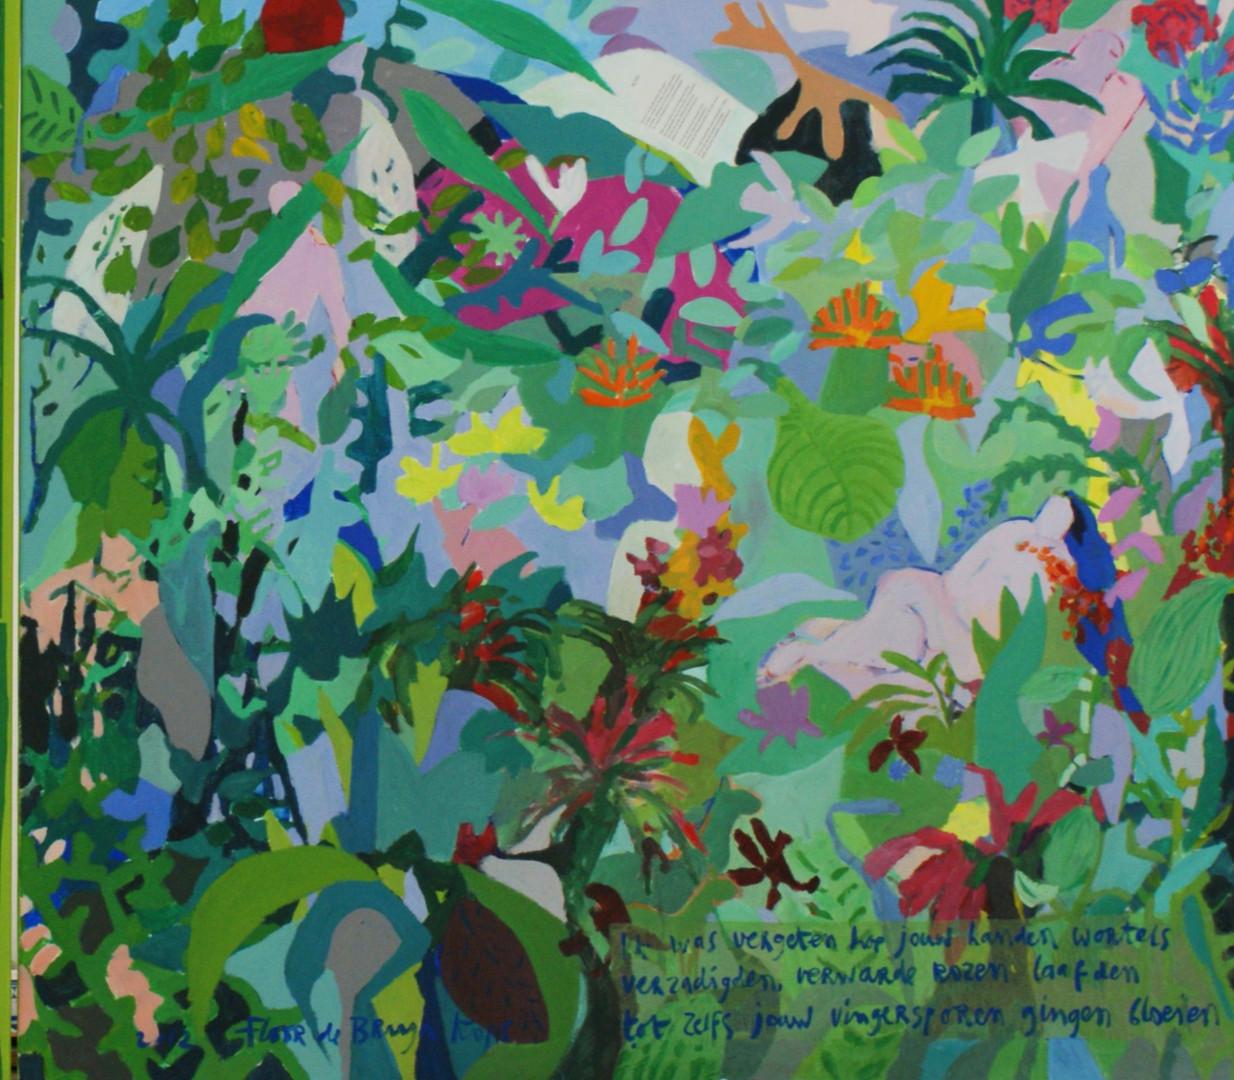 Honderd liefdessonnetten, Pablo Neruda, tweeluik